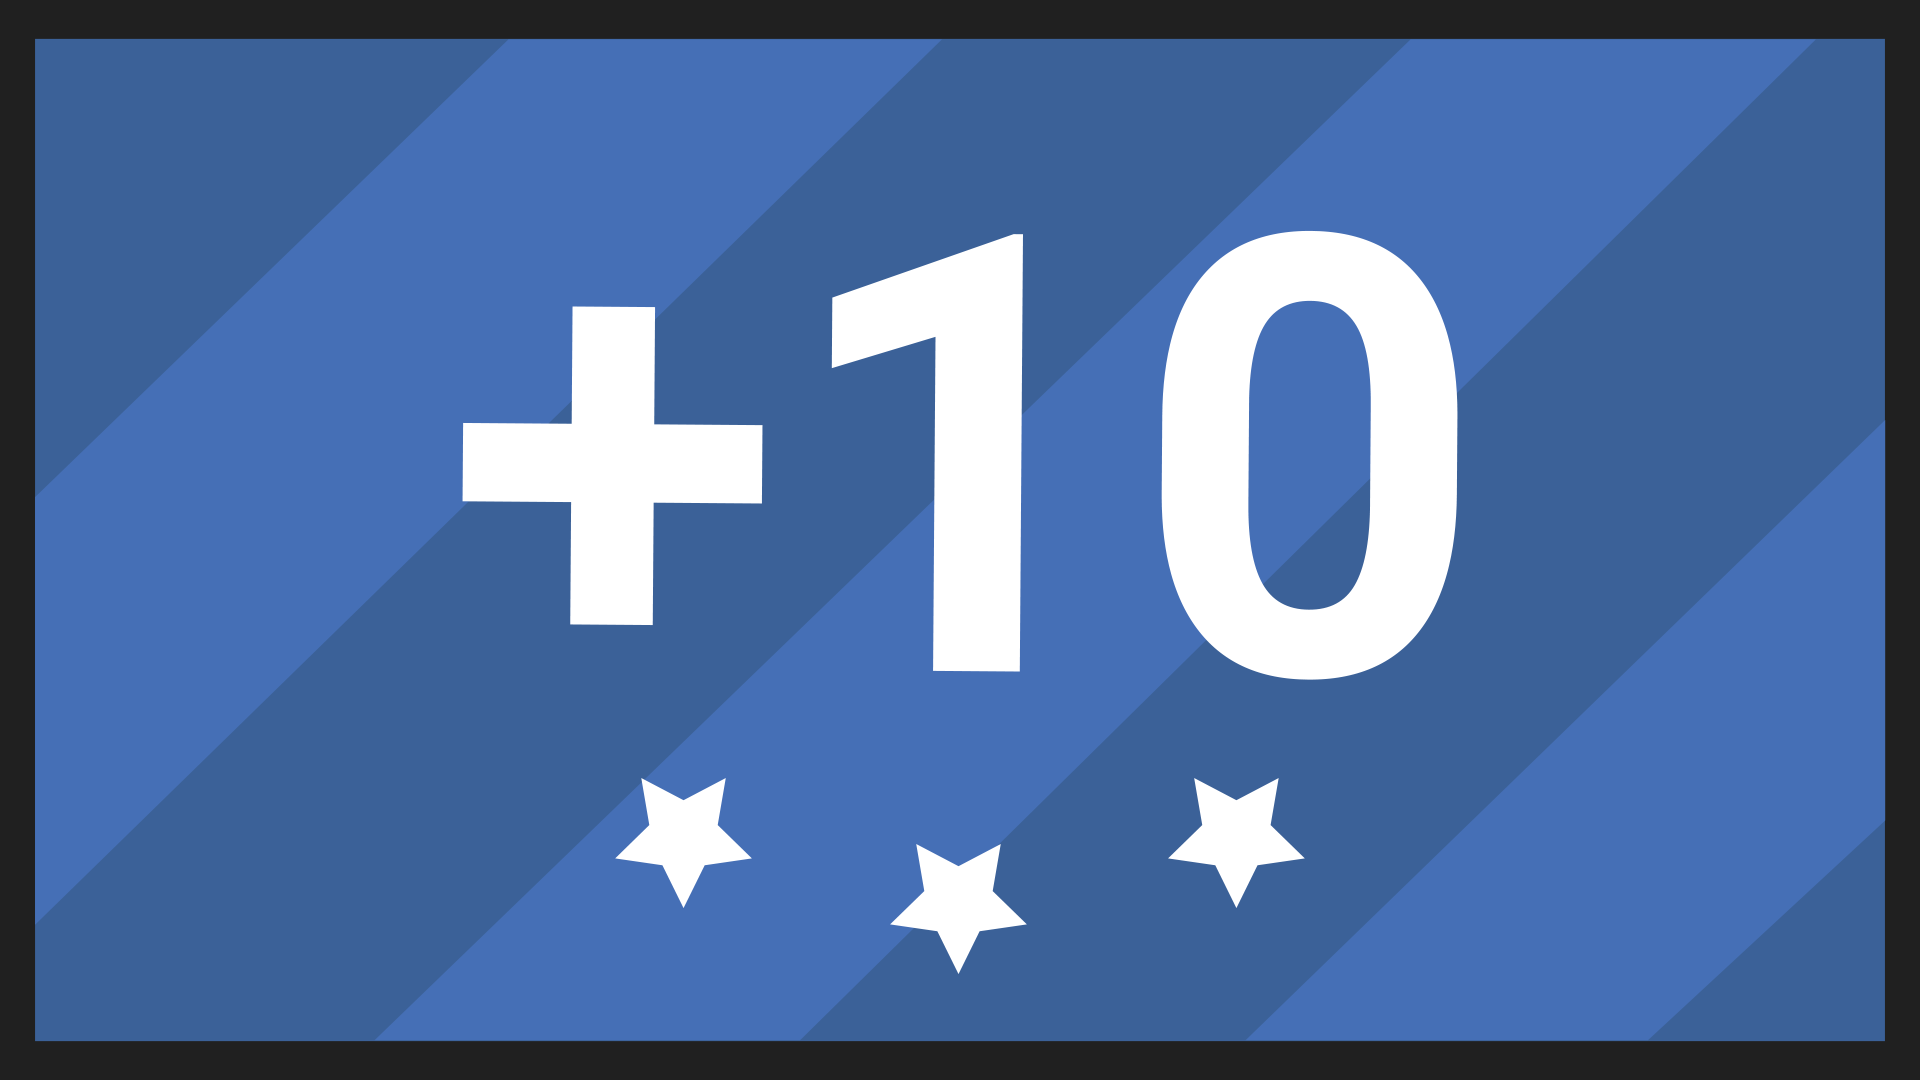 Plus Ten